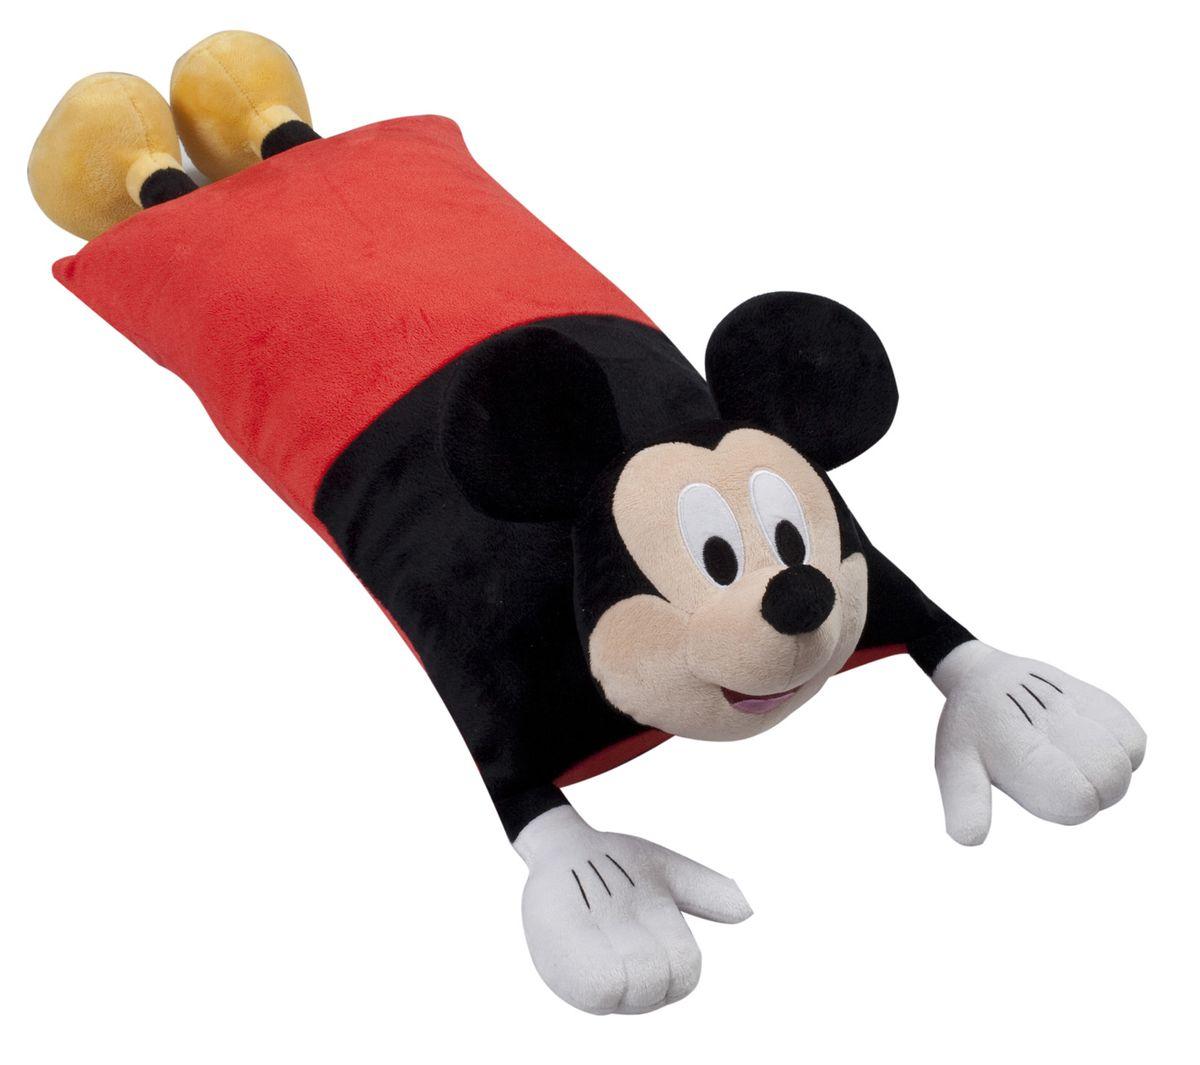 15545 Подушка Mickey Mouse (Микки Маус), размер 50х25 см15545Детская декоративная подушка может использоваться в качестве элемента декора в вашем доме, ну и кроме того, быть настоящей игрушкой для вашего малыша. Данная текстильная продукция занимает высокие позиции на потребительском рынке благодаря своим оригинальным дизайнам и безопасным материалам.